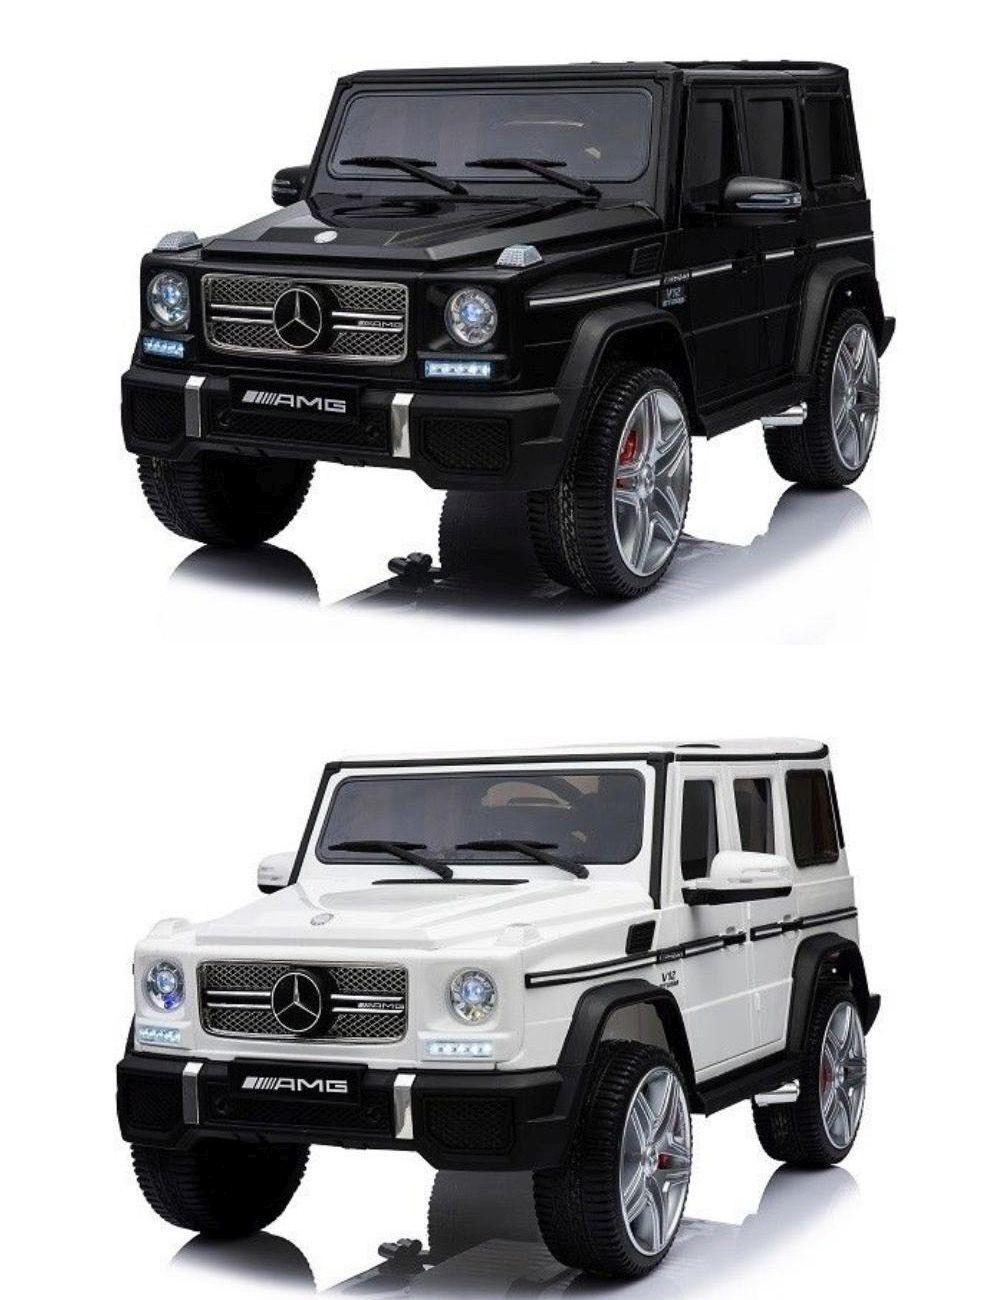 Kinder Geländewagen Mercedes Benz G65 PREMIUM XXL AMG Fernbedienung MP3 2x45W